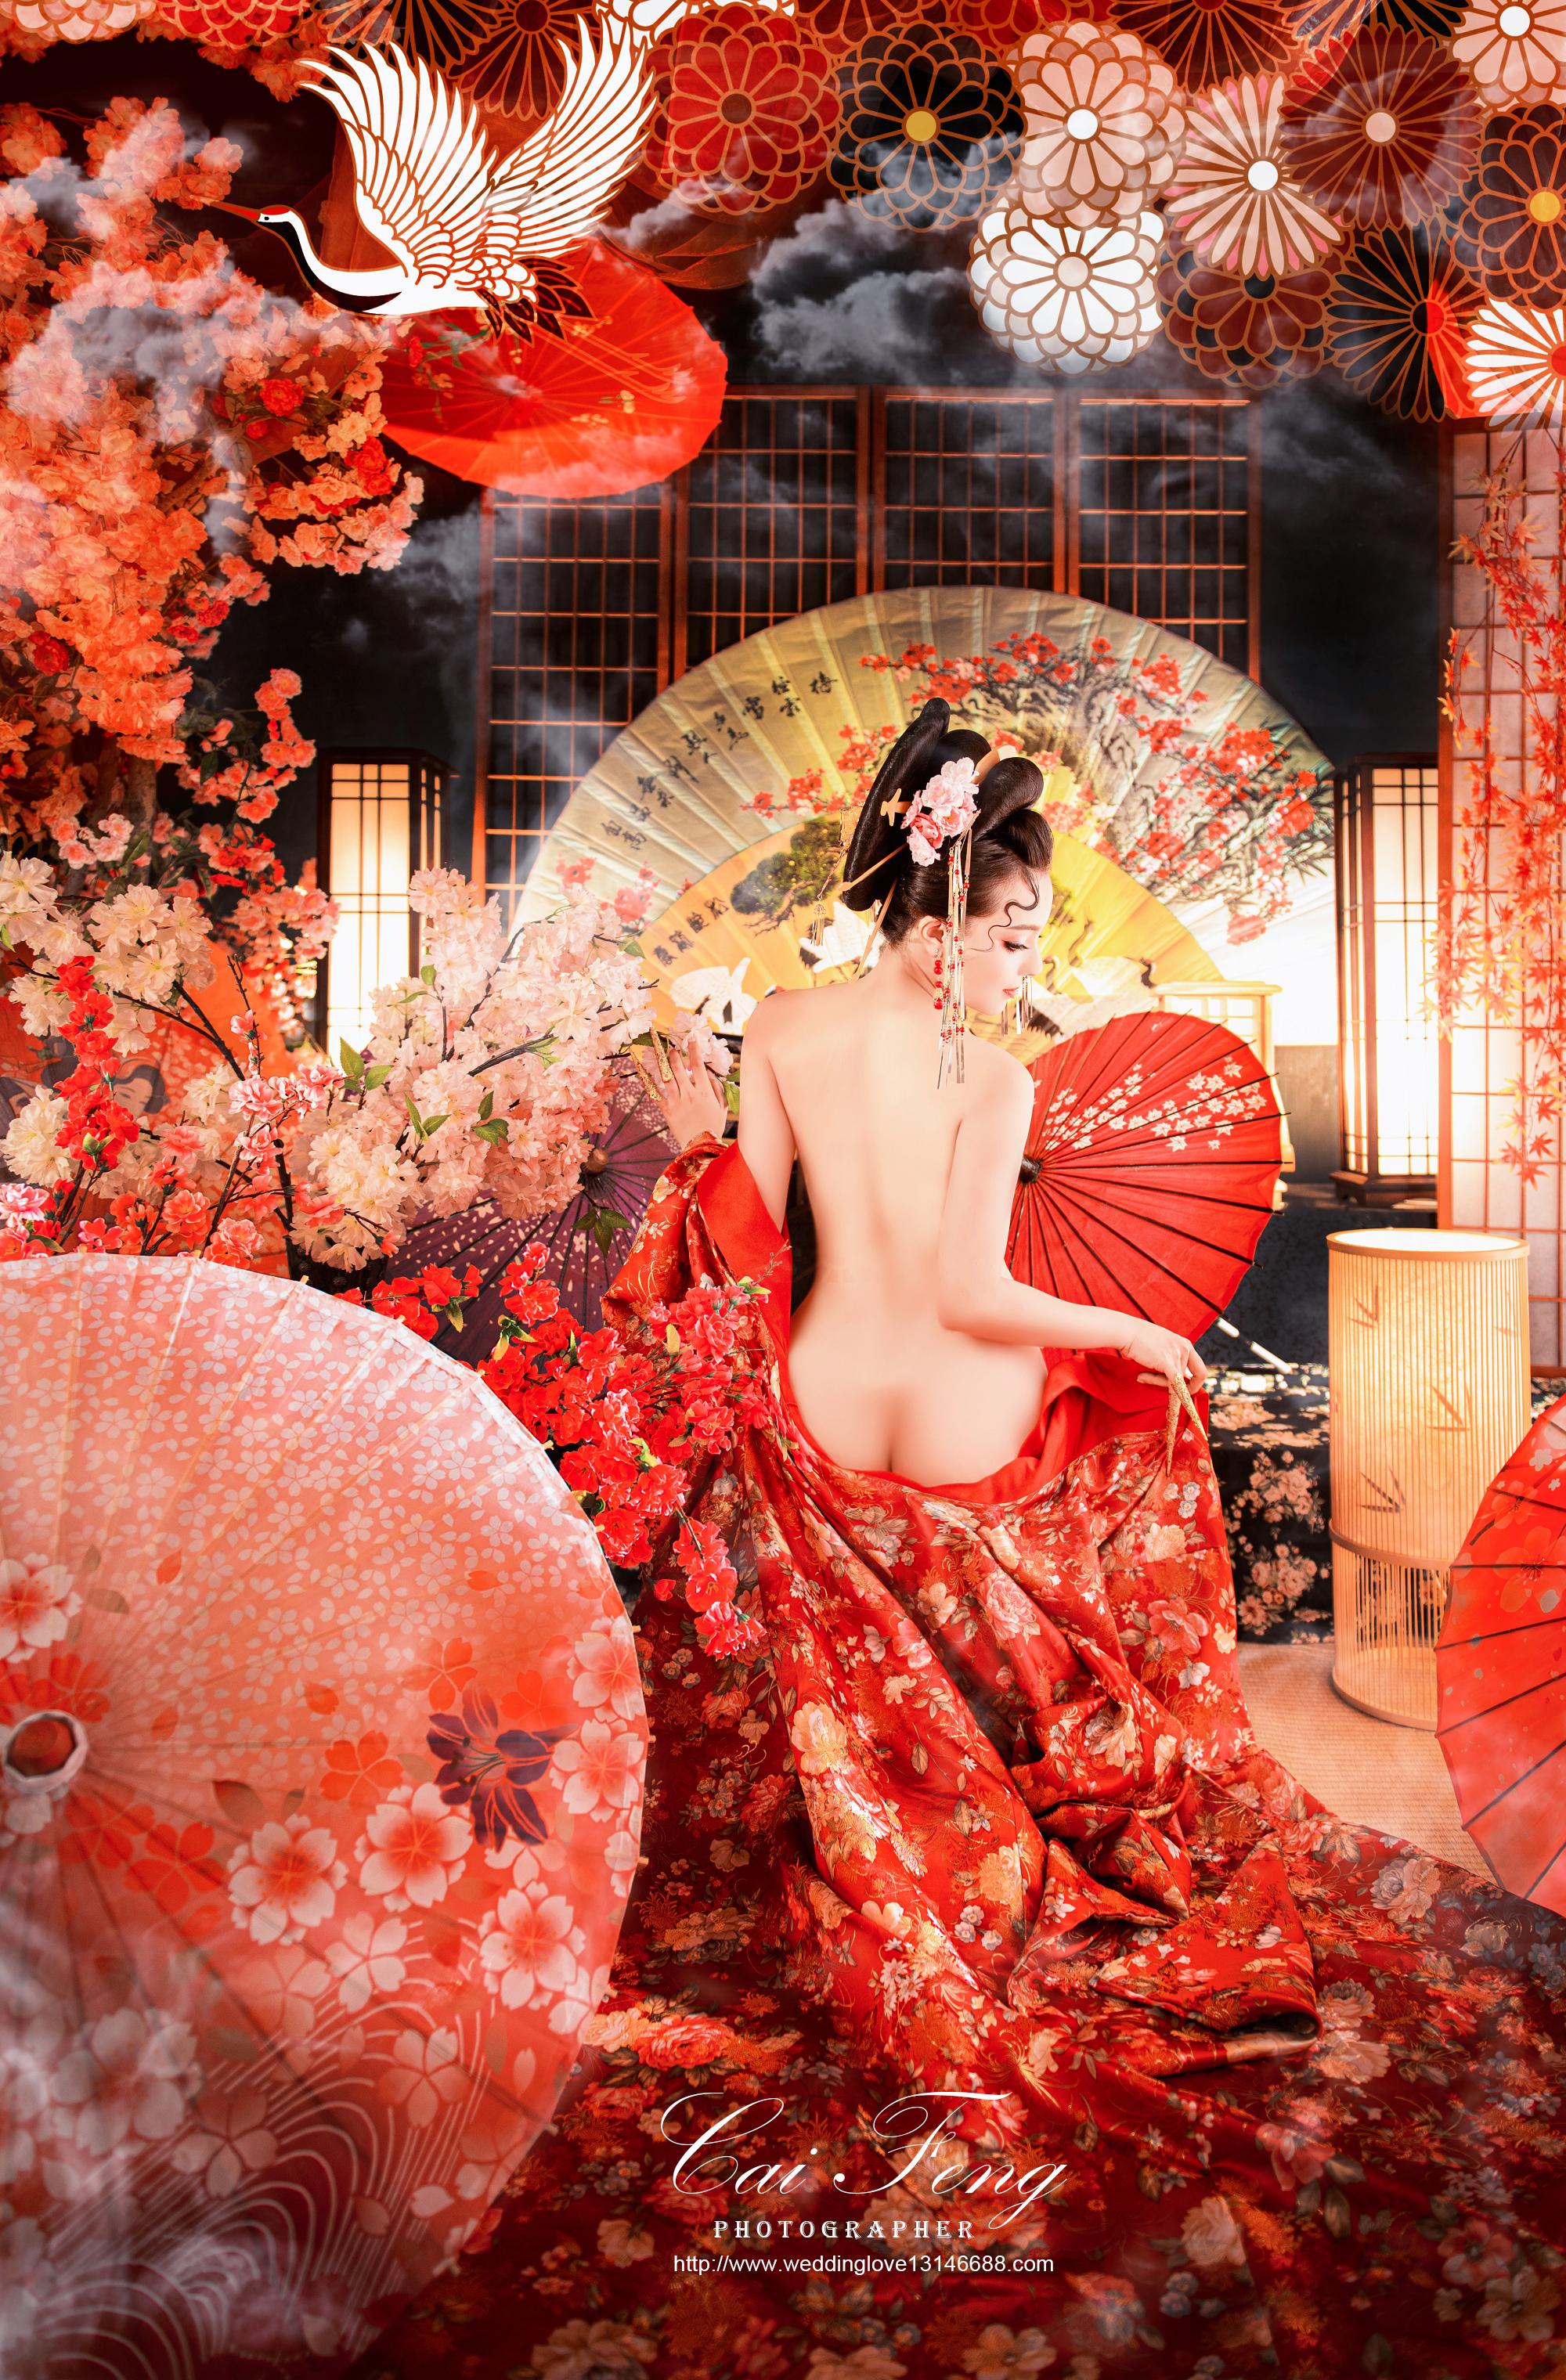 台中花魁/日本豪華花魁攝影/秀和服/個人寫真/性感寫真/藝術照/女攝影師/客製化寫真